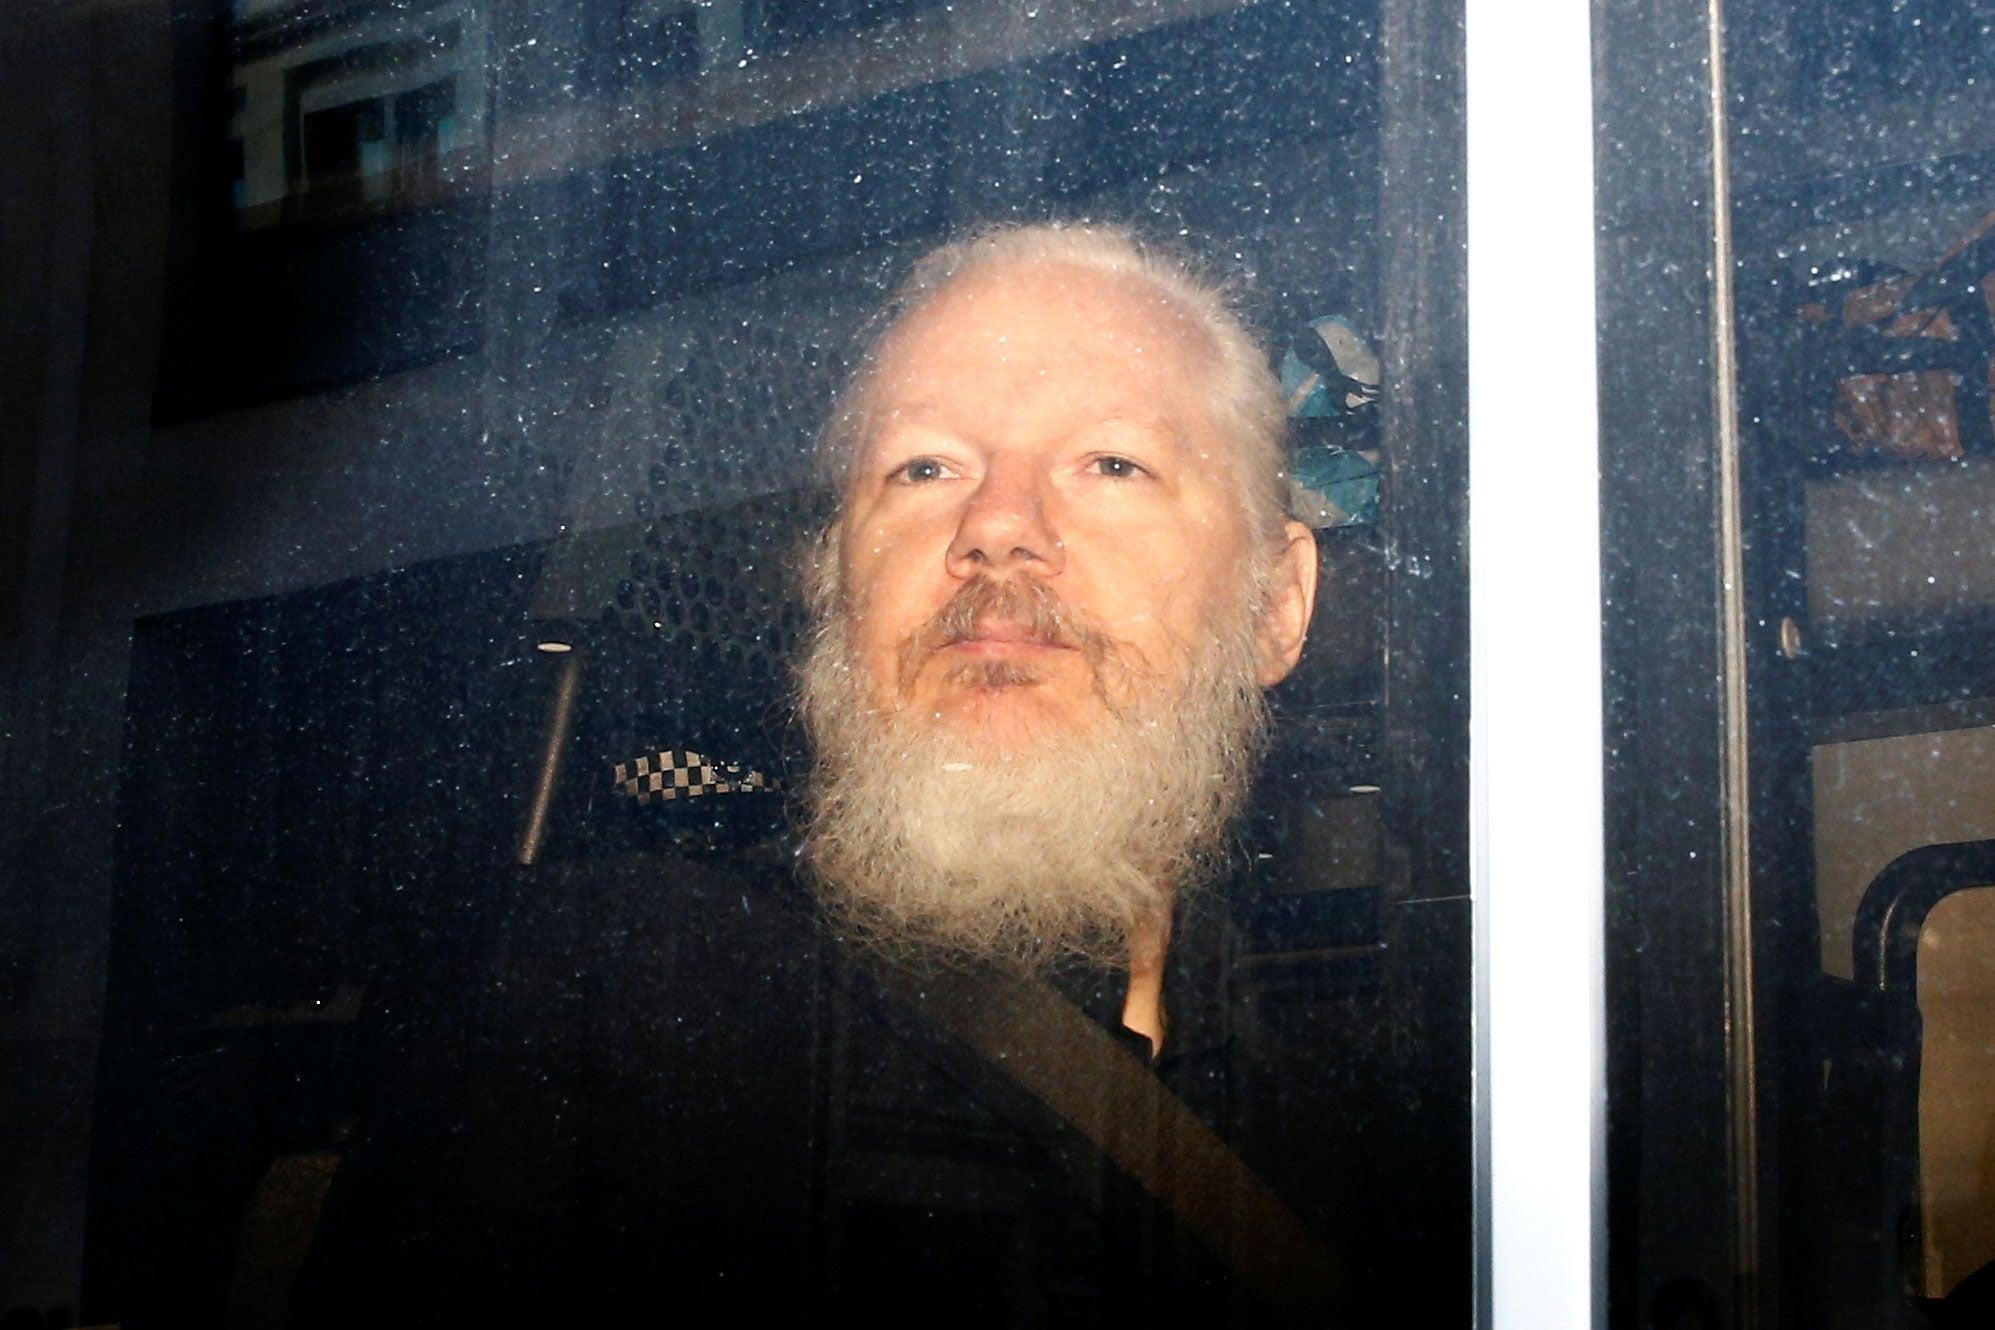 Julian Assange, bearded, seen through a van window.